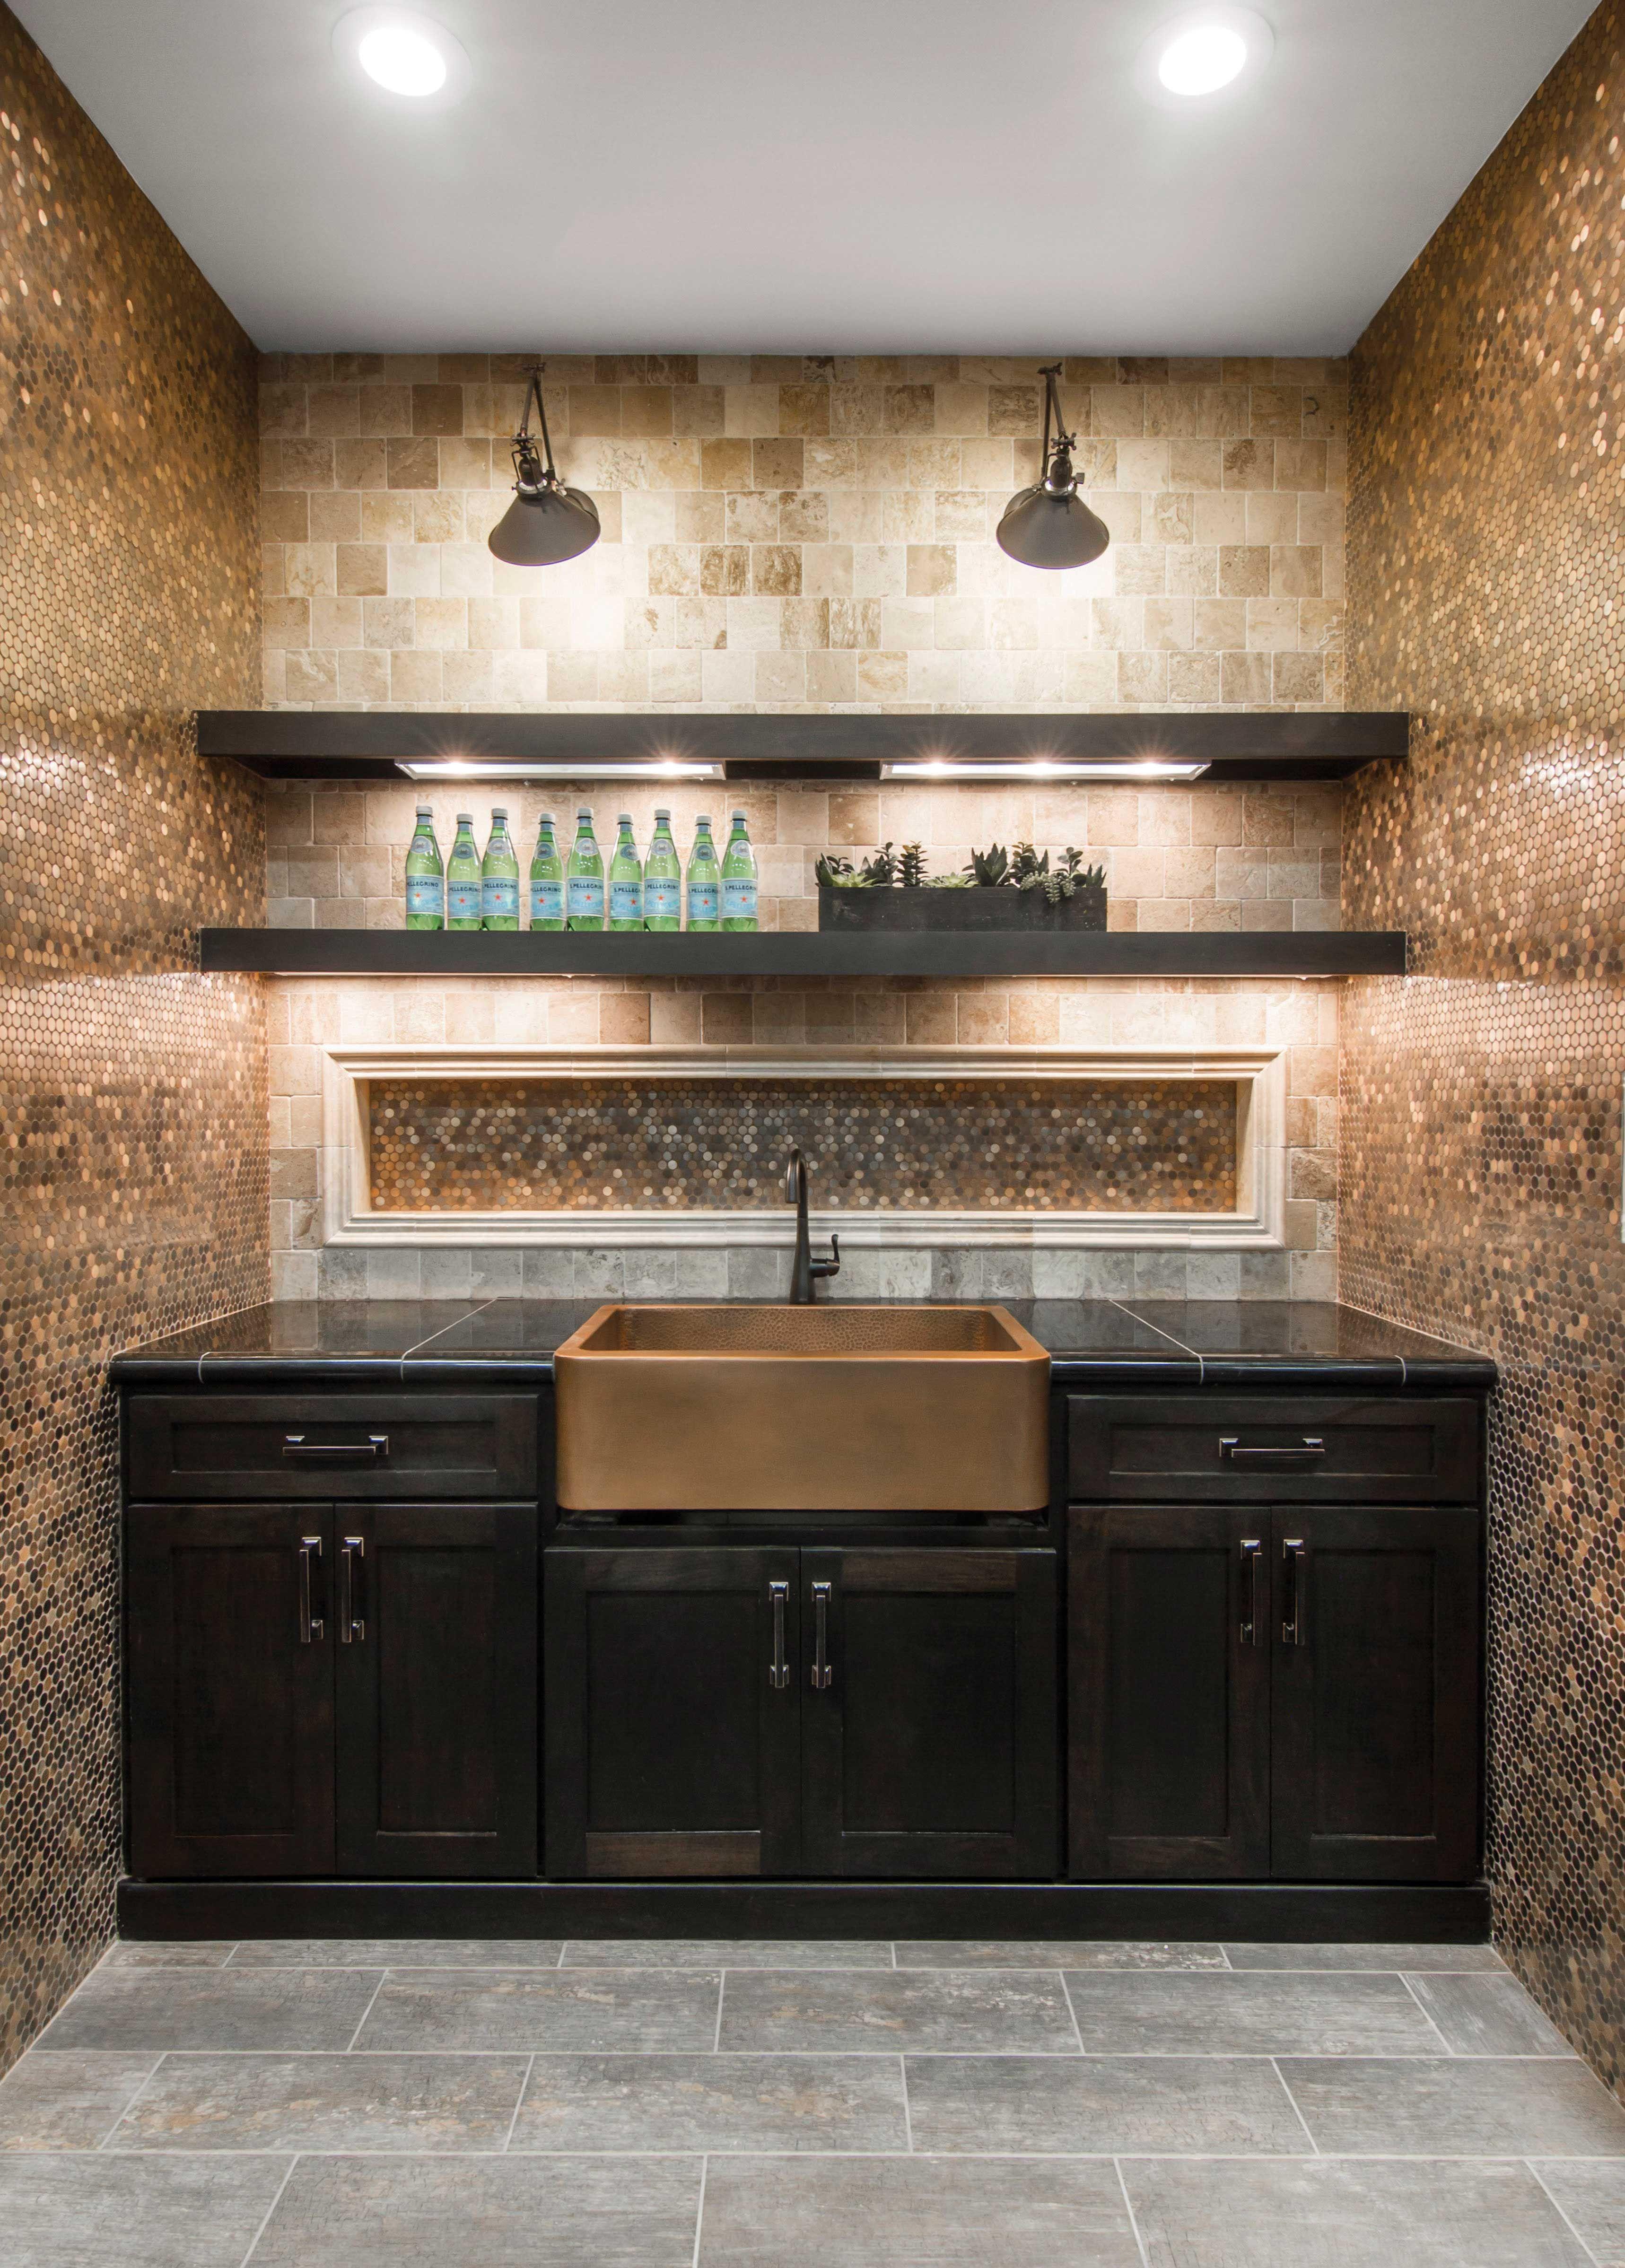 Wood-like home bar or kitchen floor tile - Ledet ceramic tile https ...